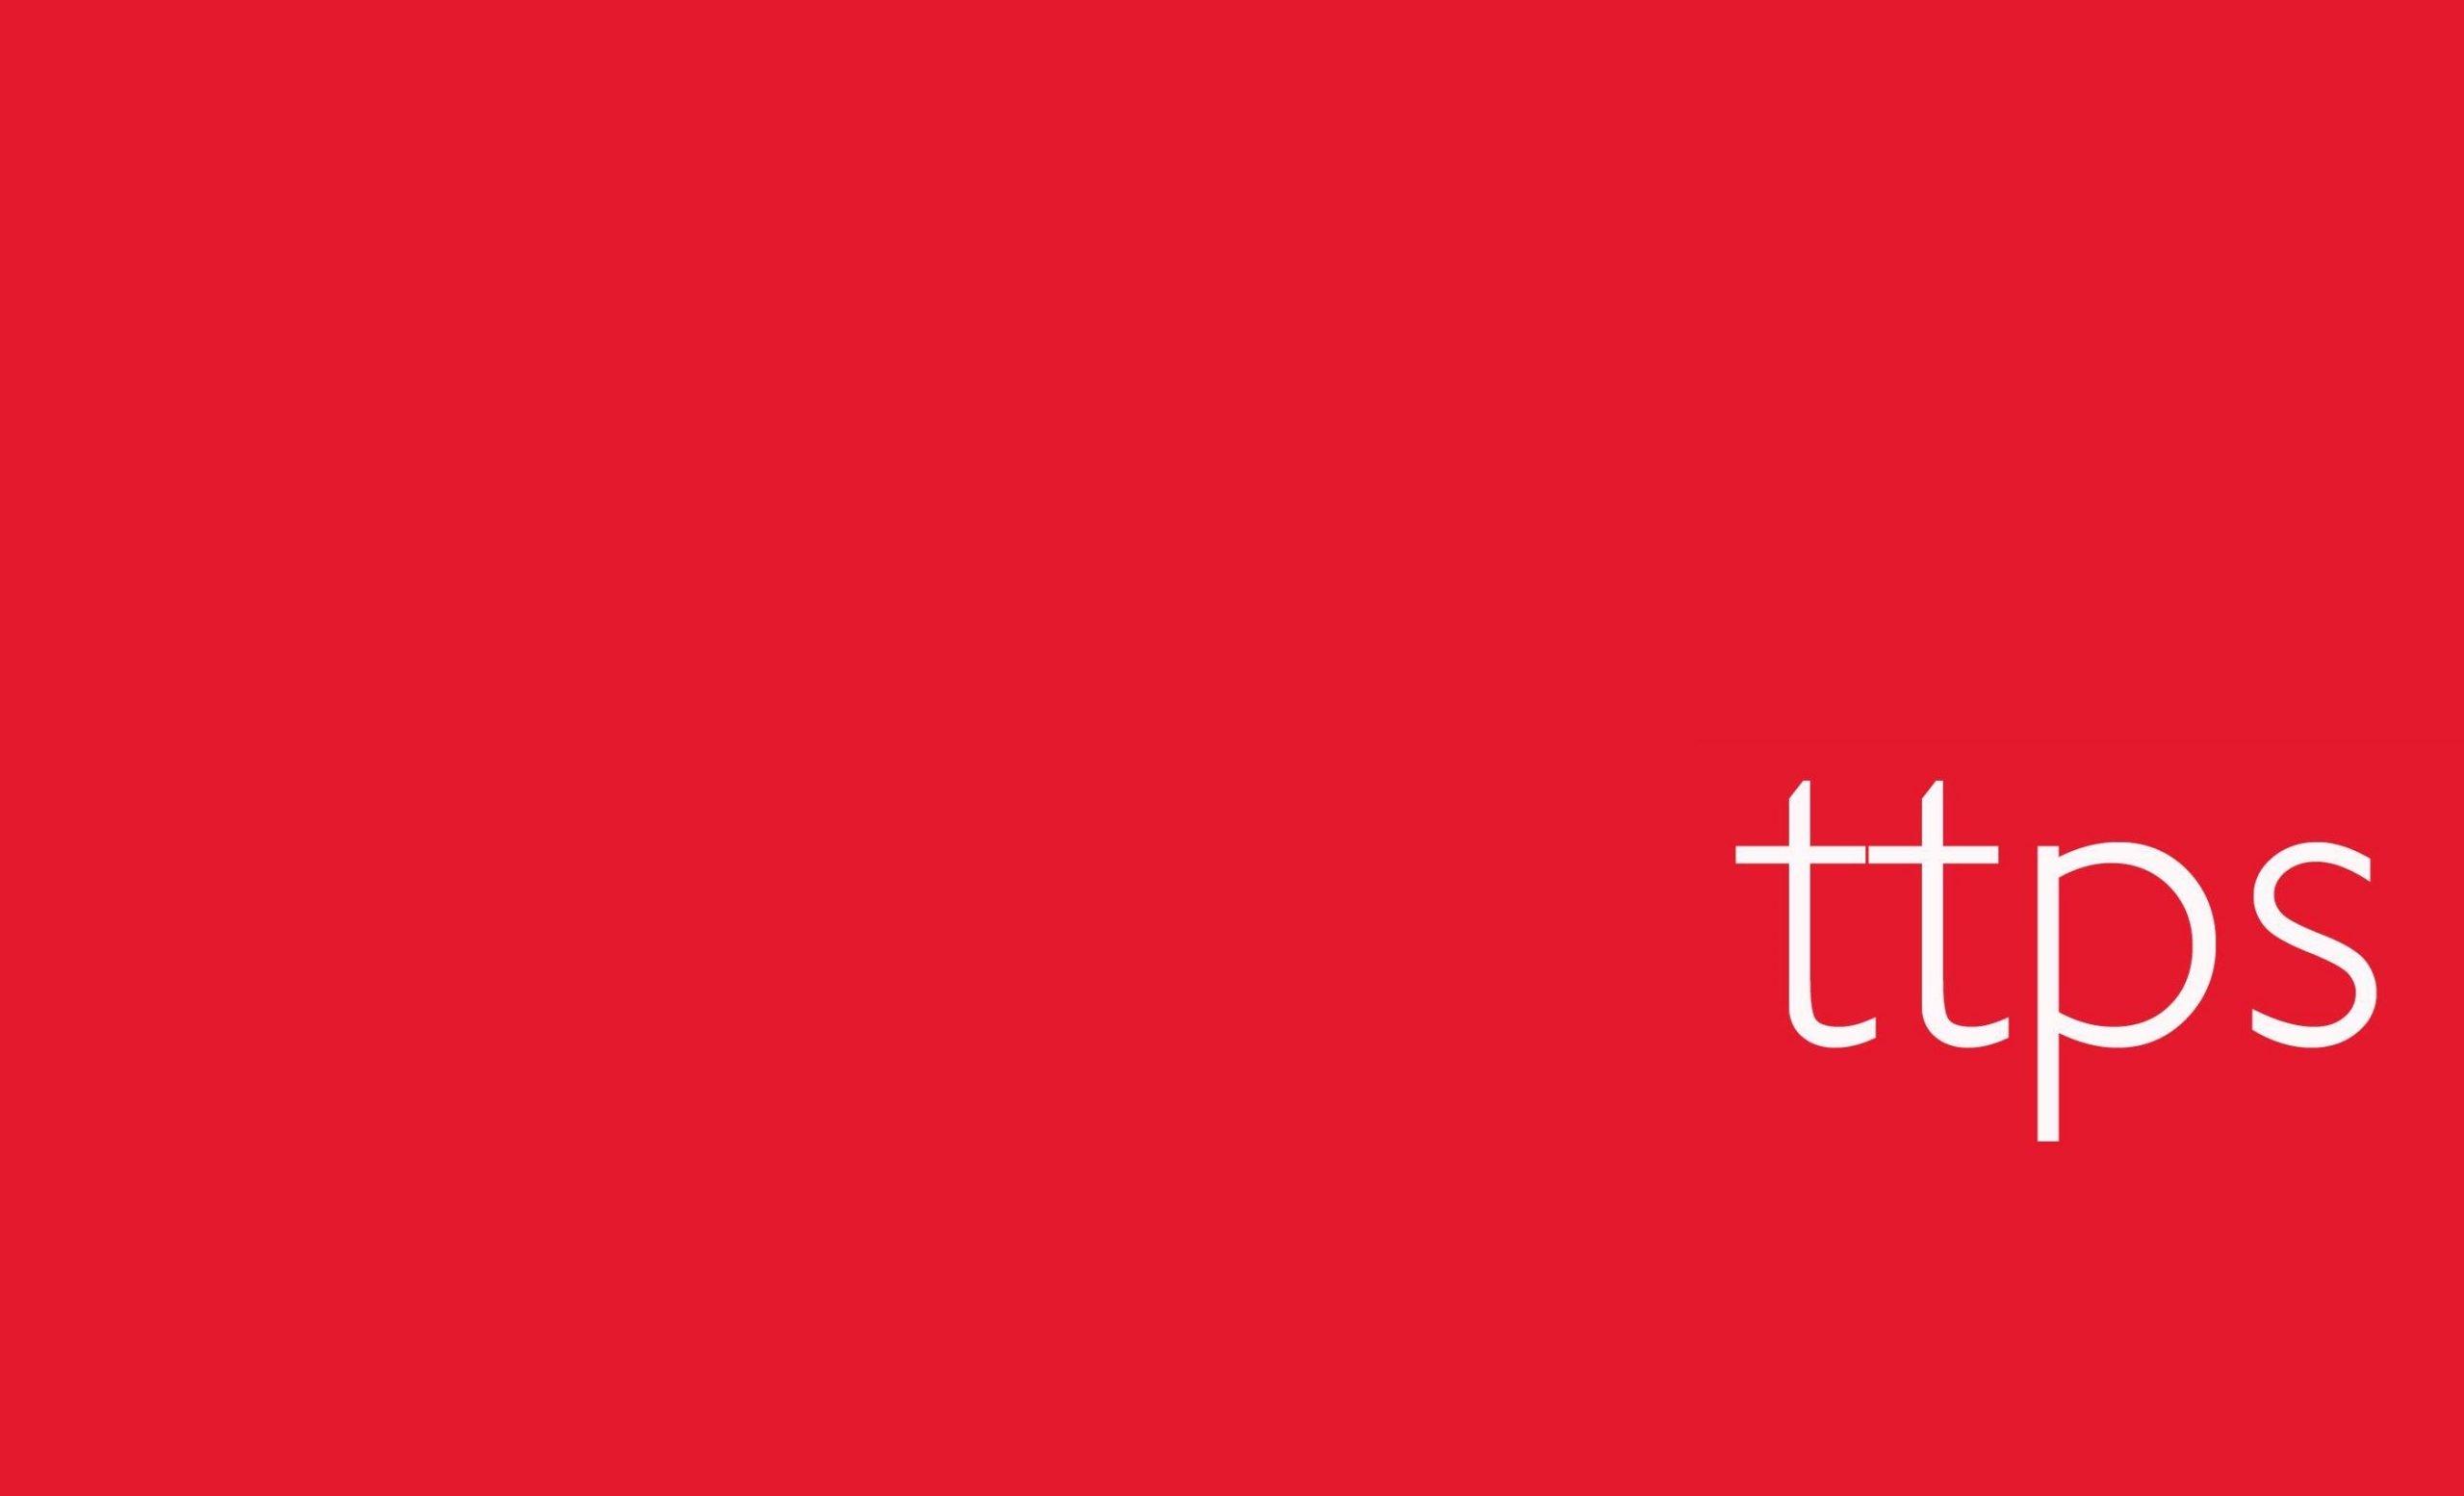 Trinidad & Tobago Photographic Society